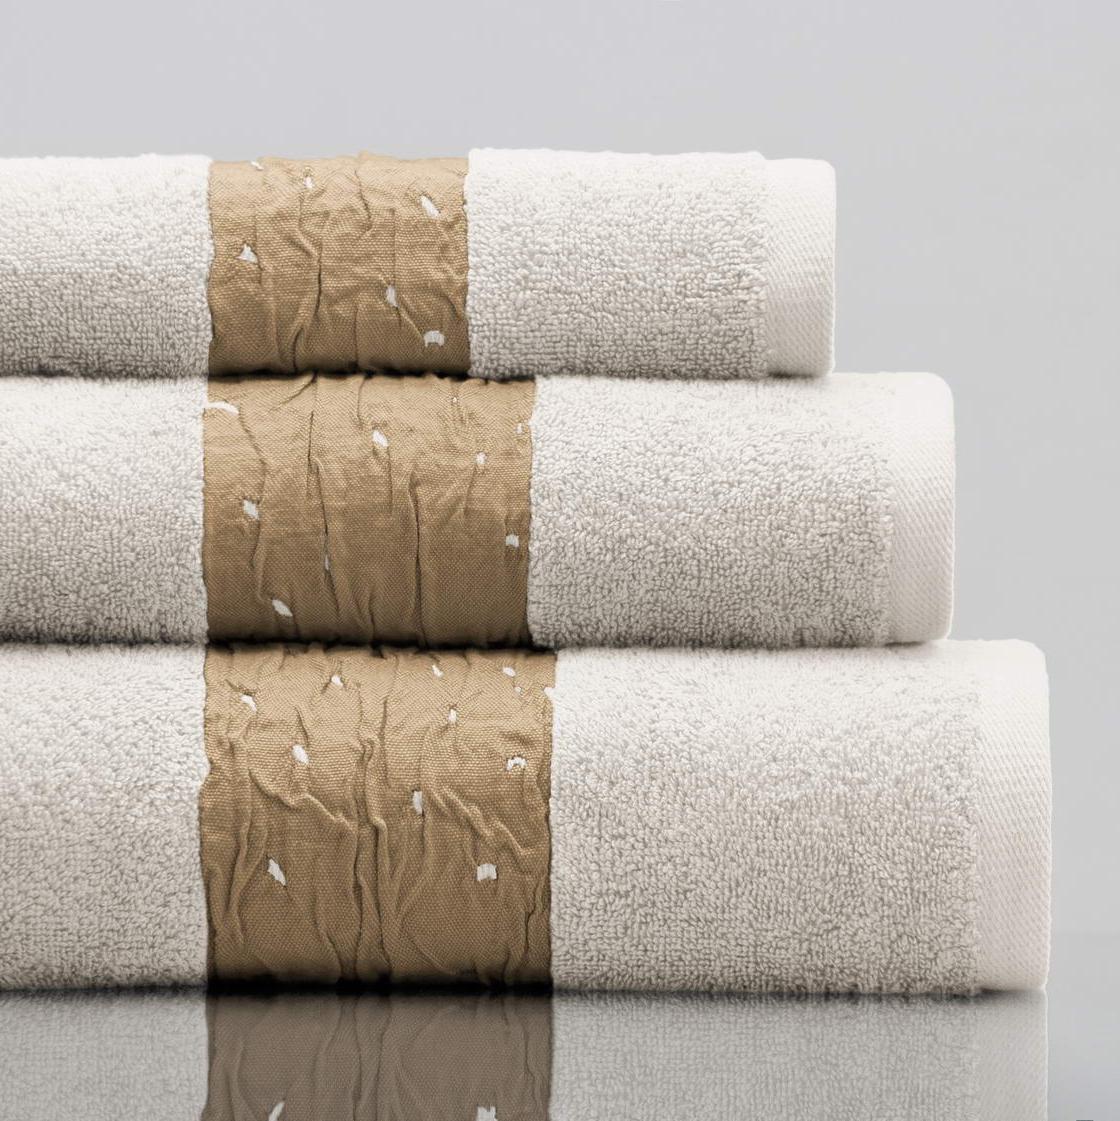 Махровое полотенце Sofi De Marko Molly кремовое 70х140 см полотенце sofi de marko ronald кремовое 70х140 см